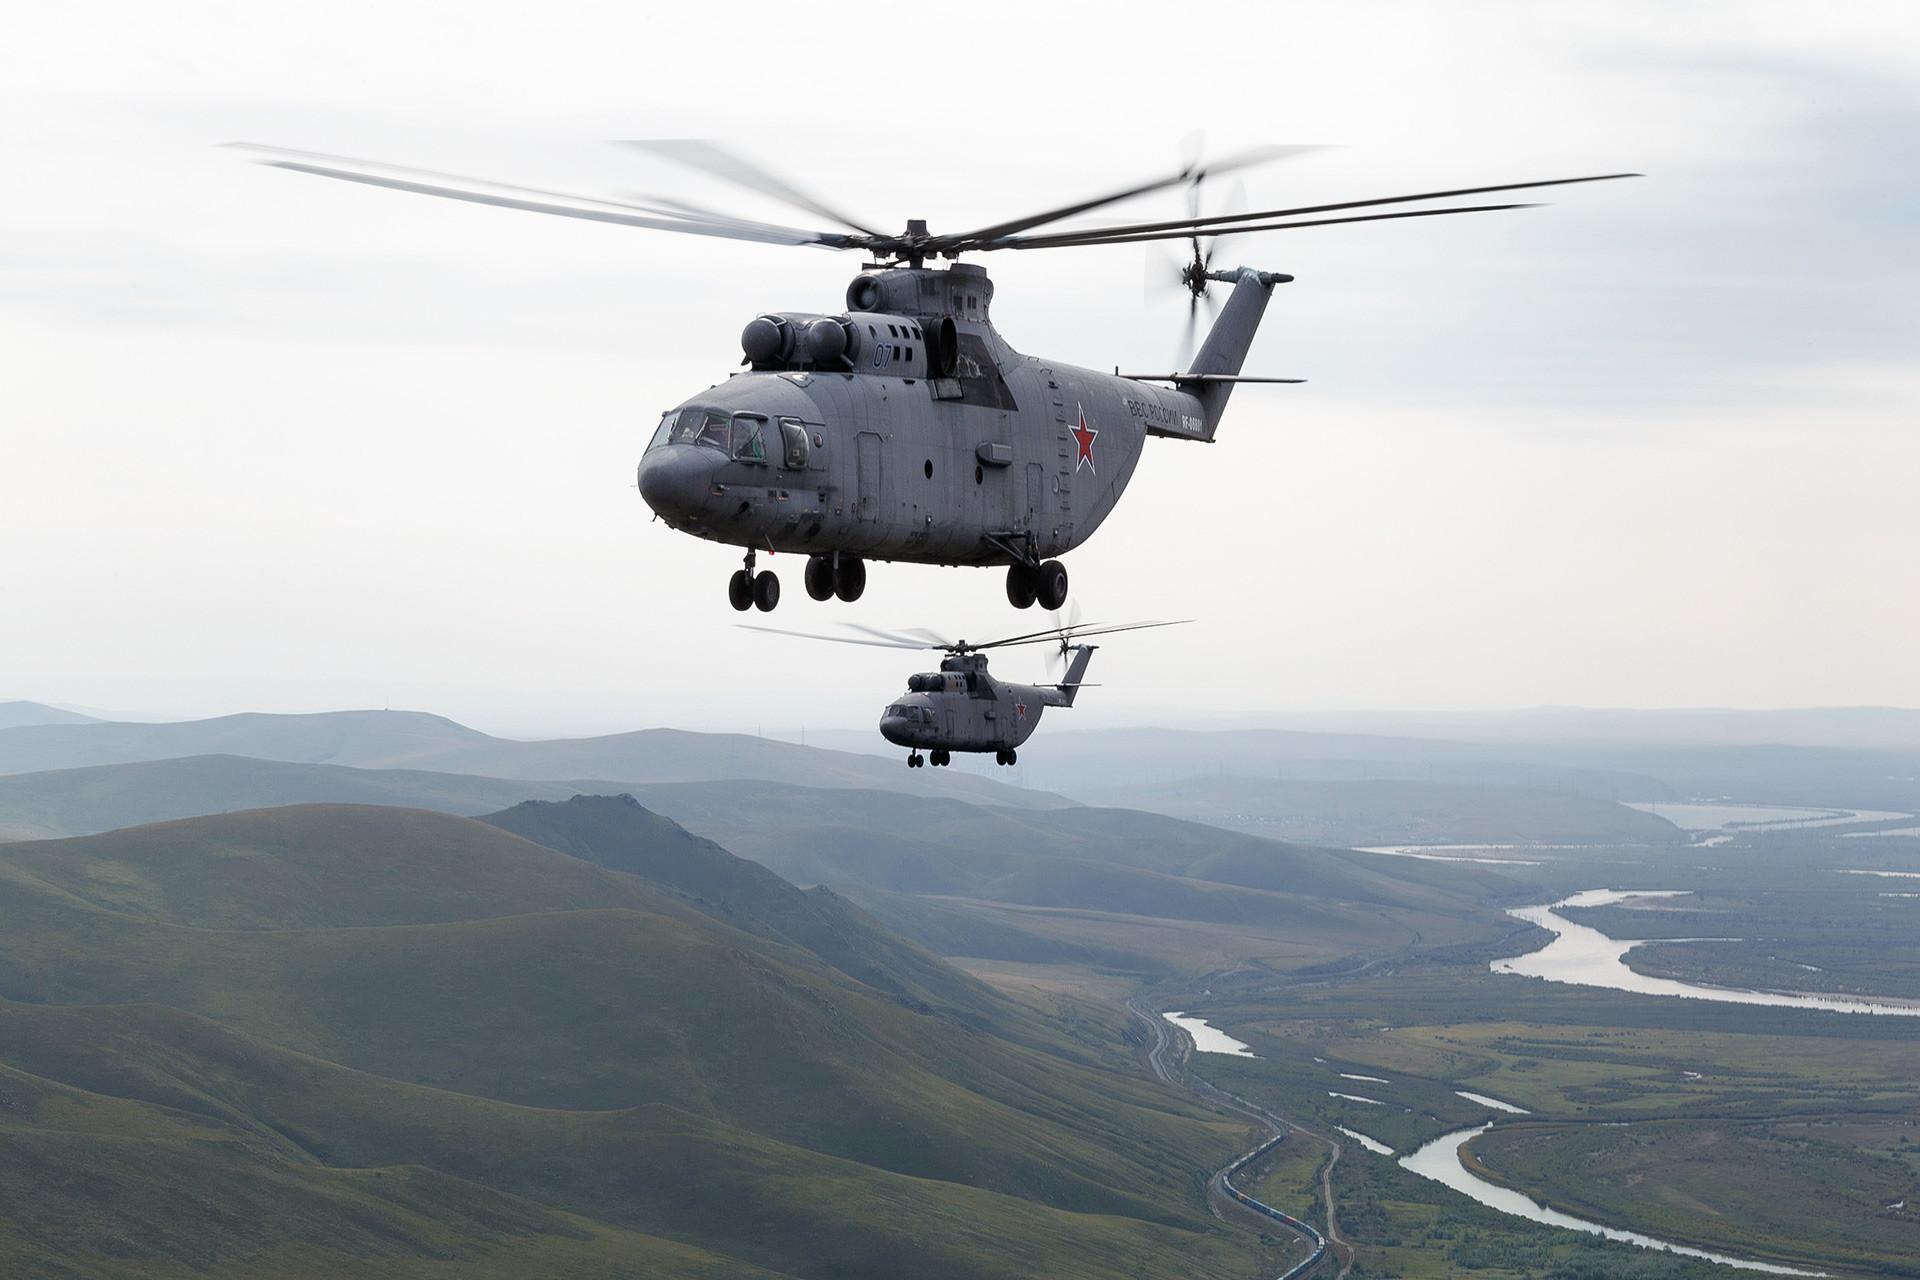 ヘリコプター「Mi-26」。ツゴル演習場で行われた露中合同軍事演習「ボストーク2018」にて。